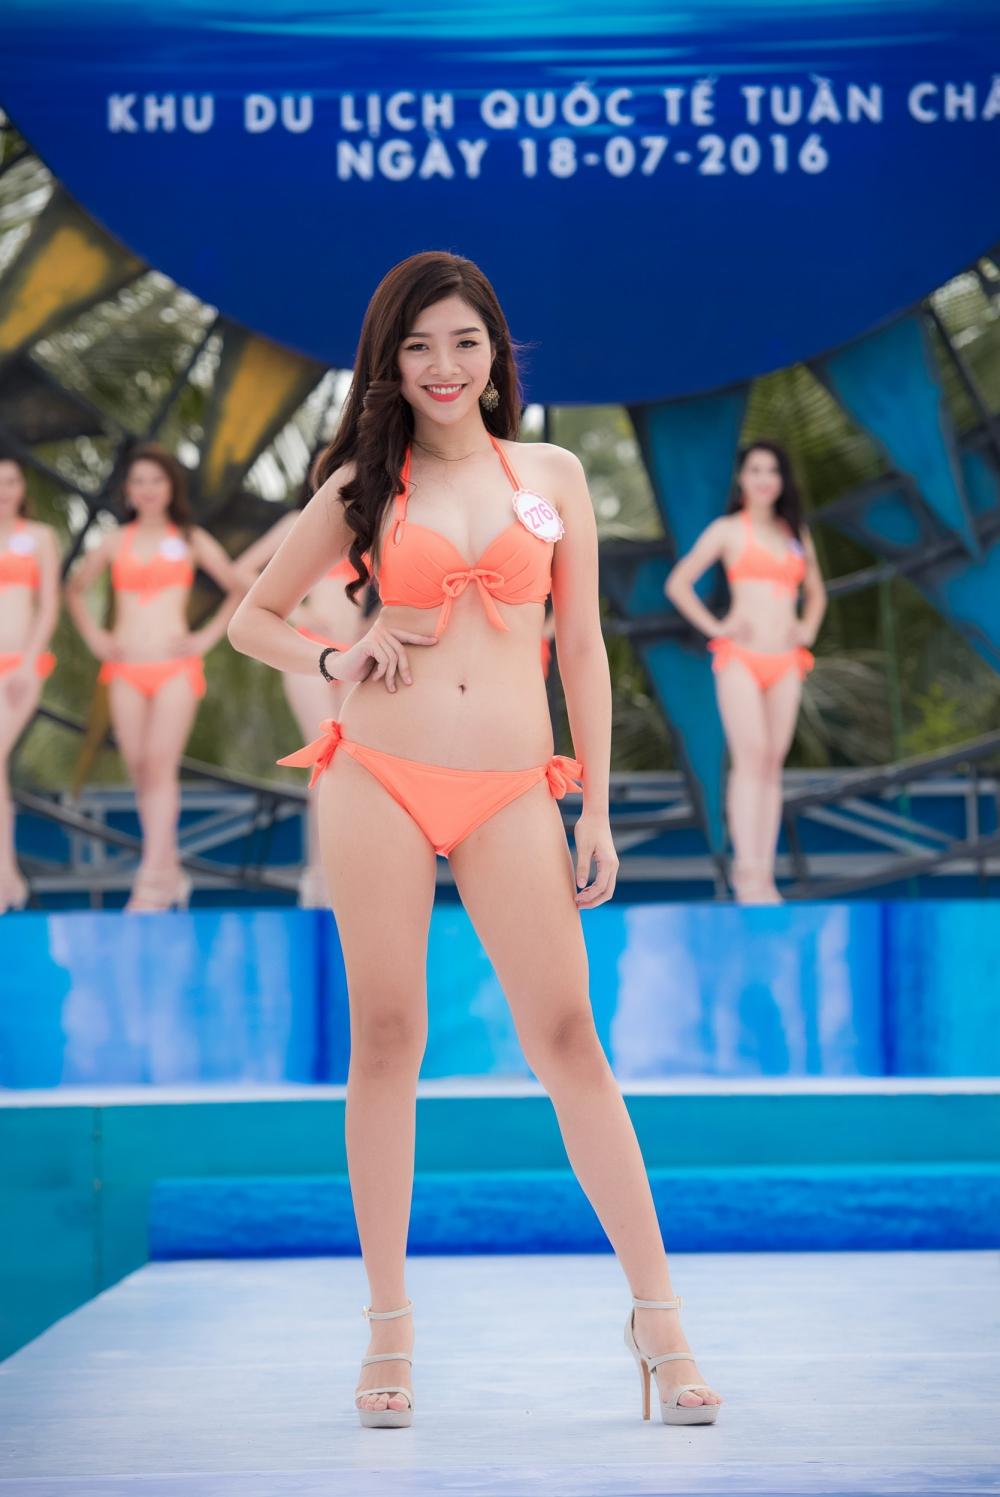 12 - Nguyen Vu Hoai Trang SBD 276 b